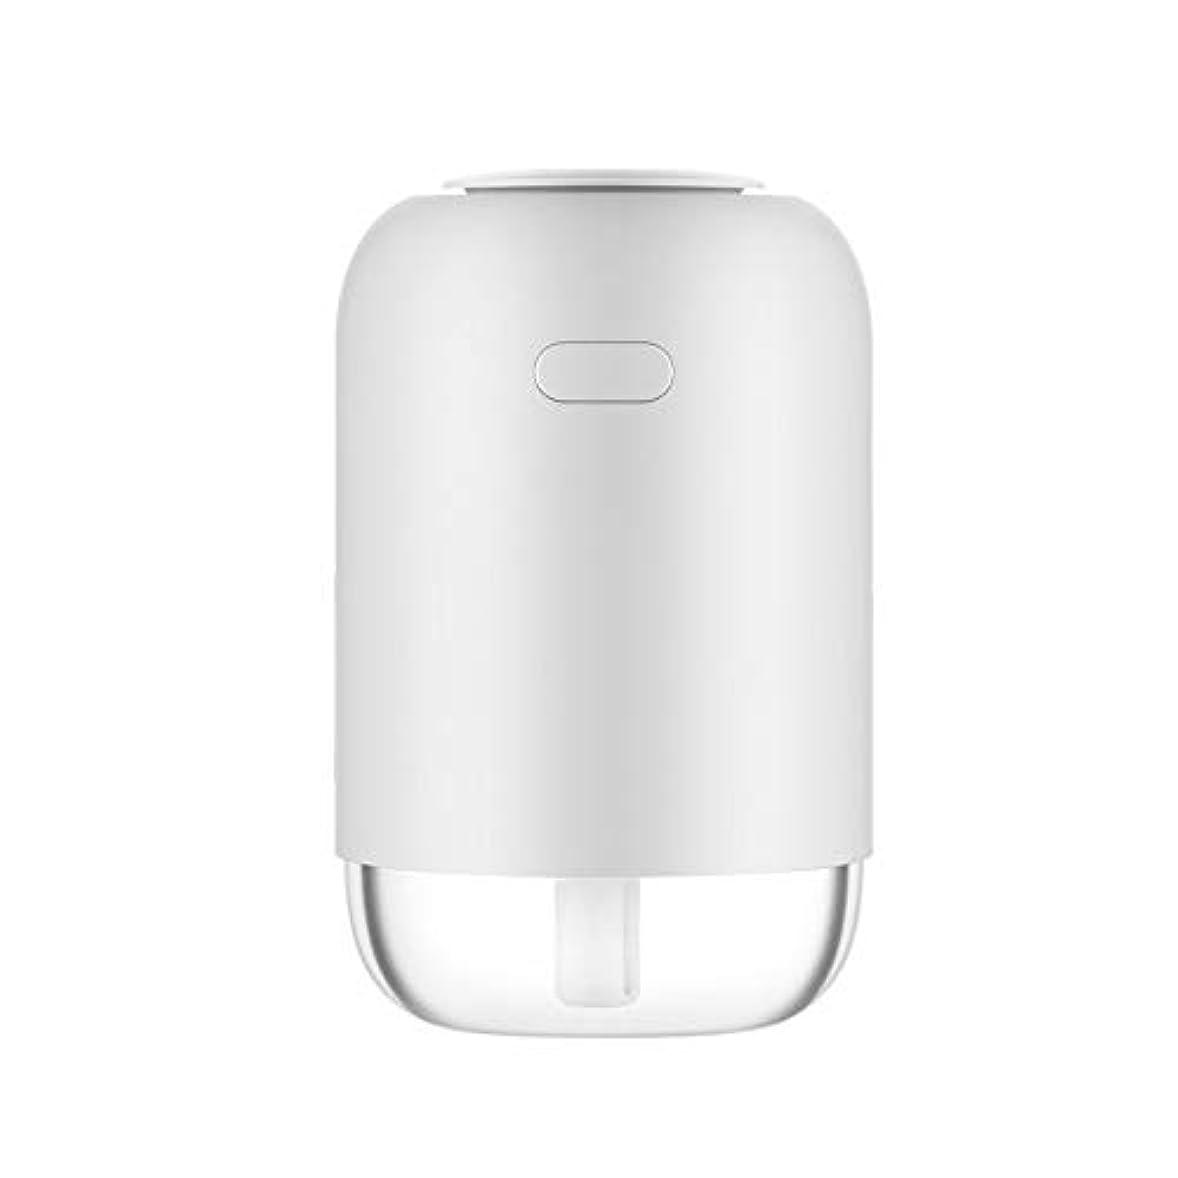 質素なコンデンサー幸運なことにフェイスケア 美容器 TJK USB加湿器 卓上USB加湿器 車載加湿器 ペットボトル型 300ML容量 アロマディフューザー 補水美顔器 8-10時間 空焚き防止機能付き(ホワイト)